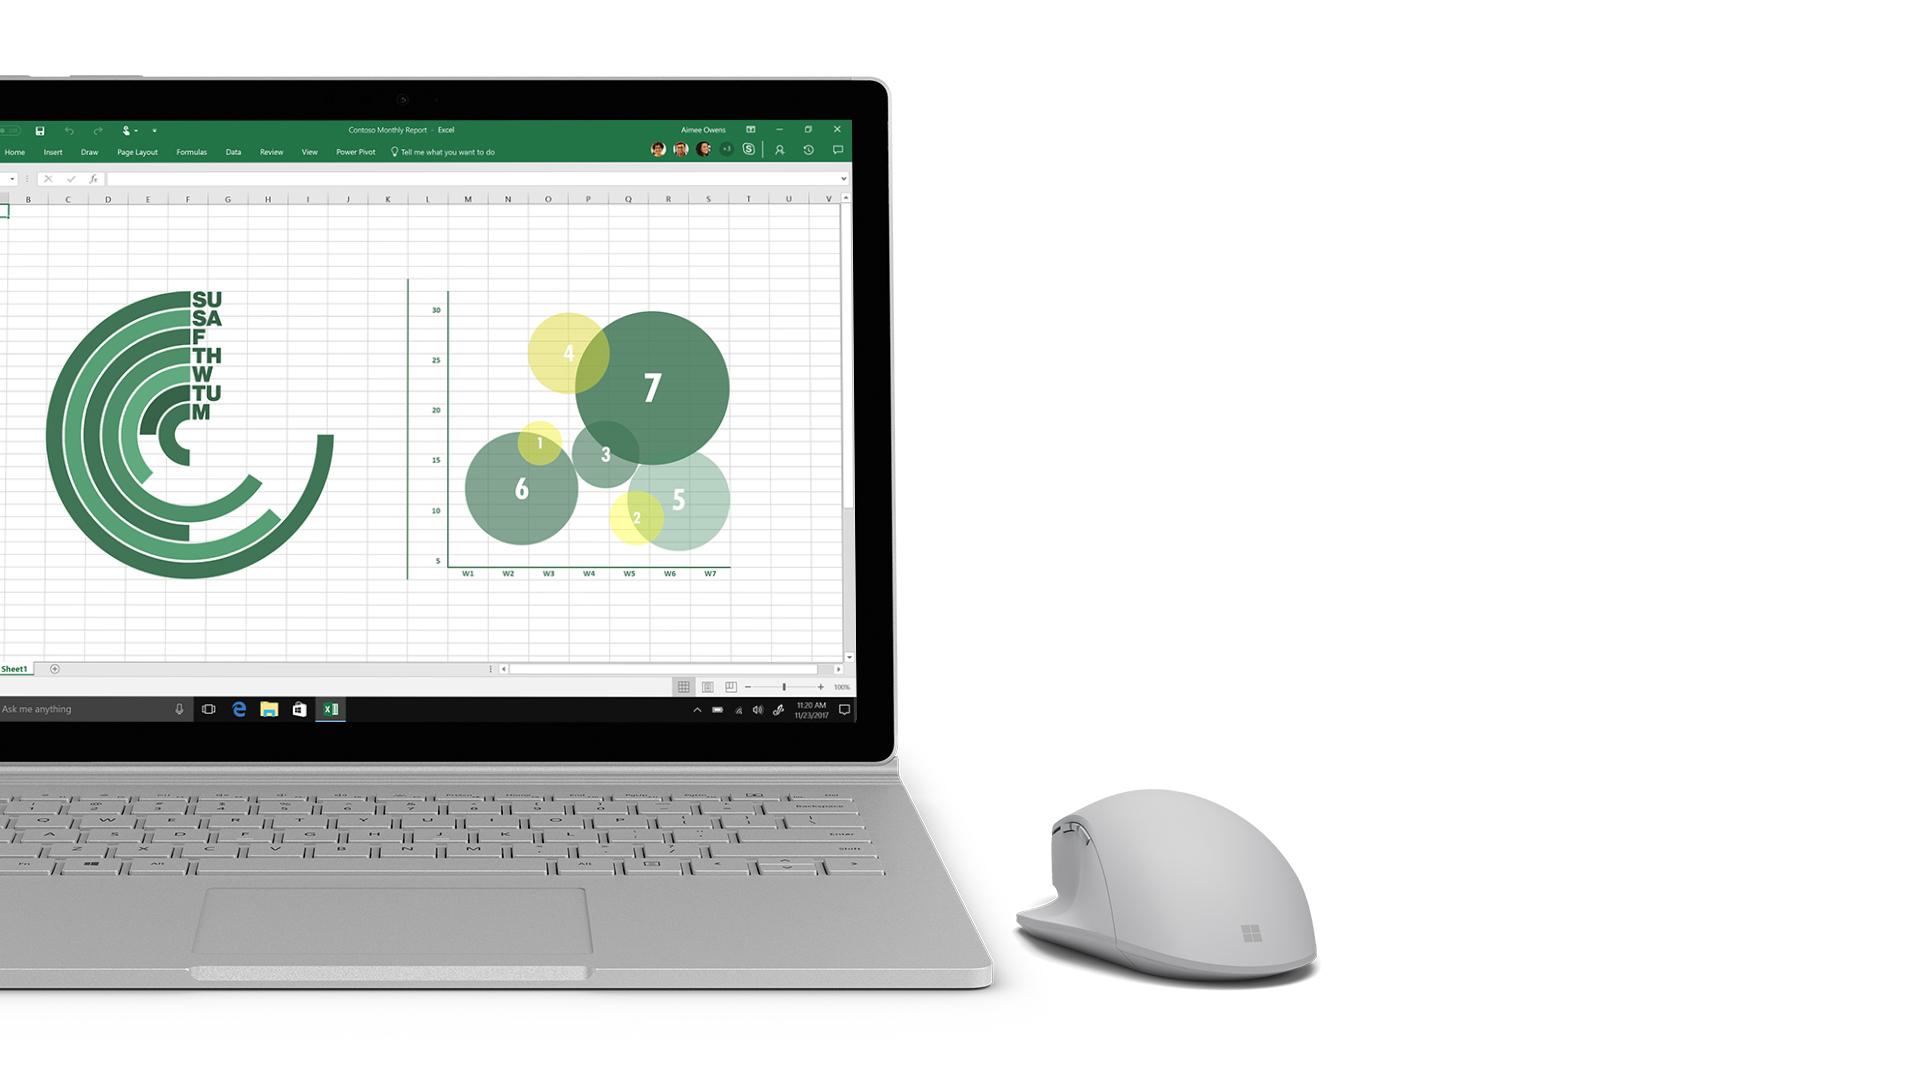 لقطة شاشة من تطبيق Excel على جهاز Surface.